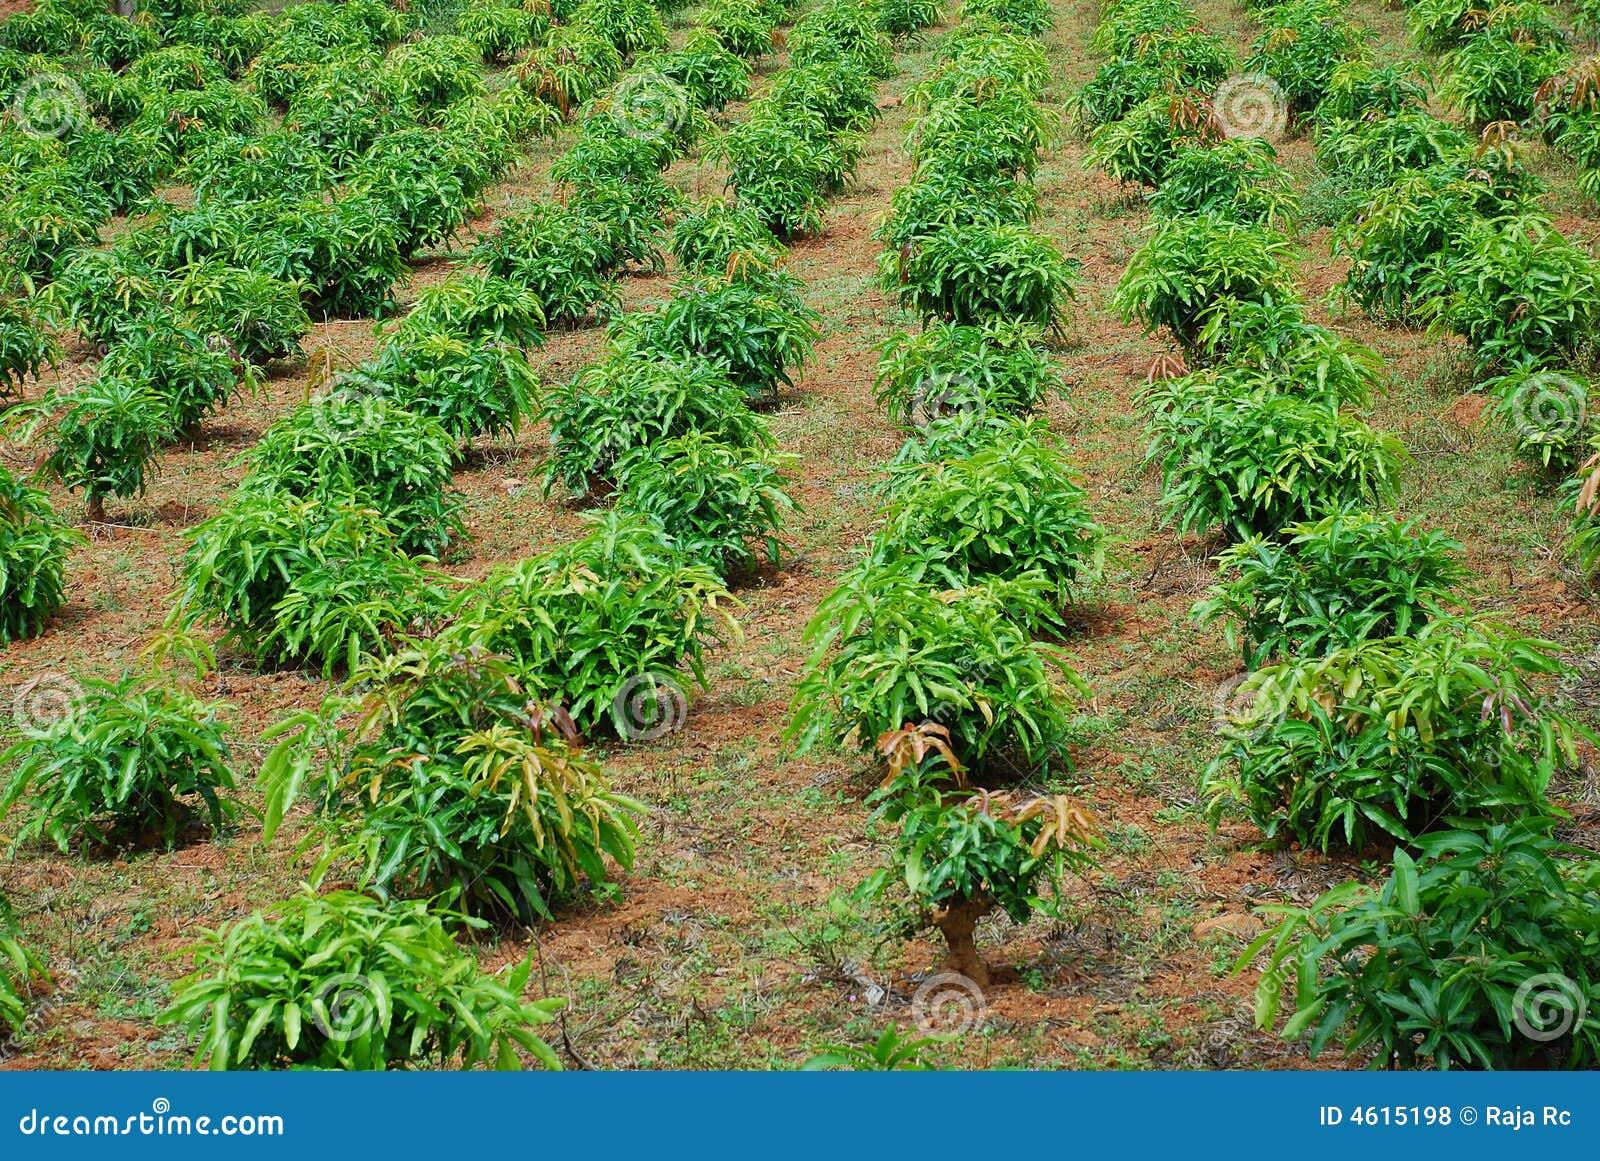 Plantation stock photo. Image of fruits, mango, bags ...